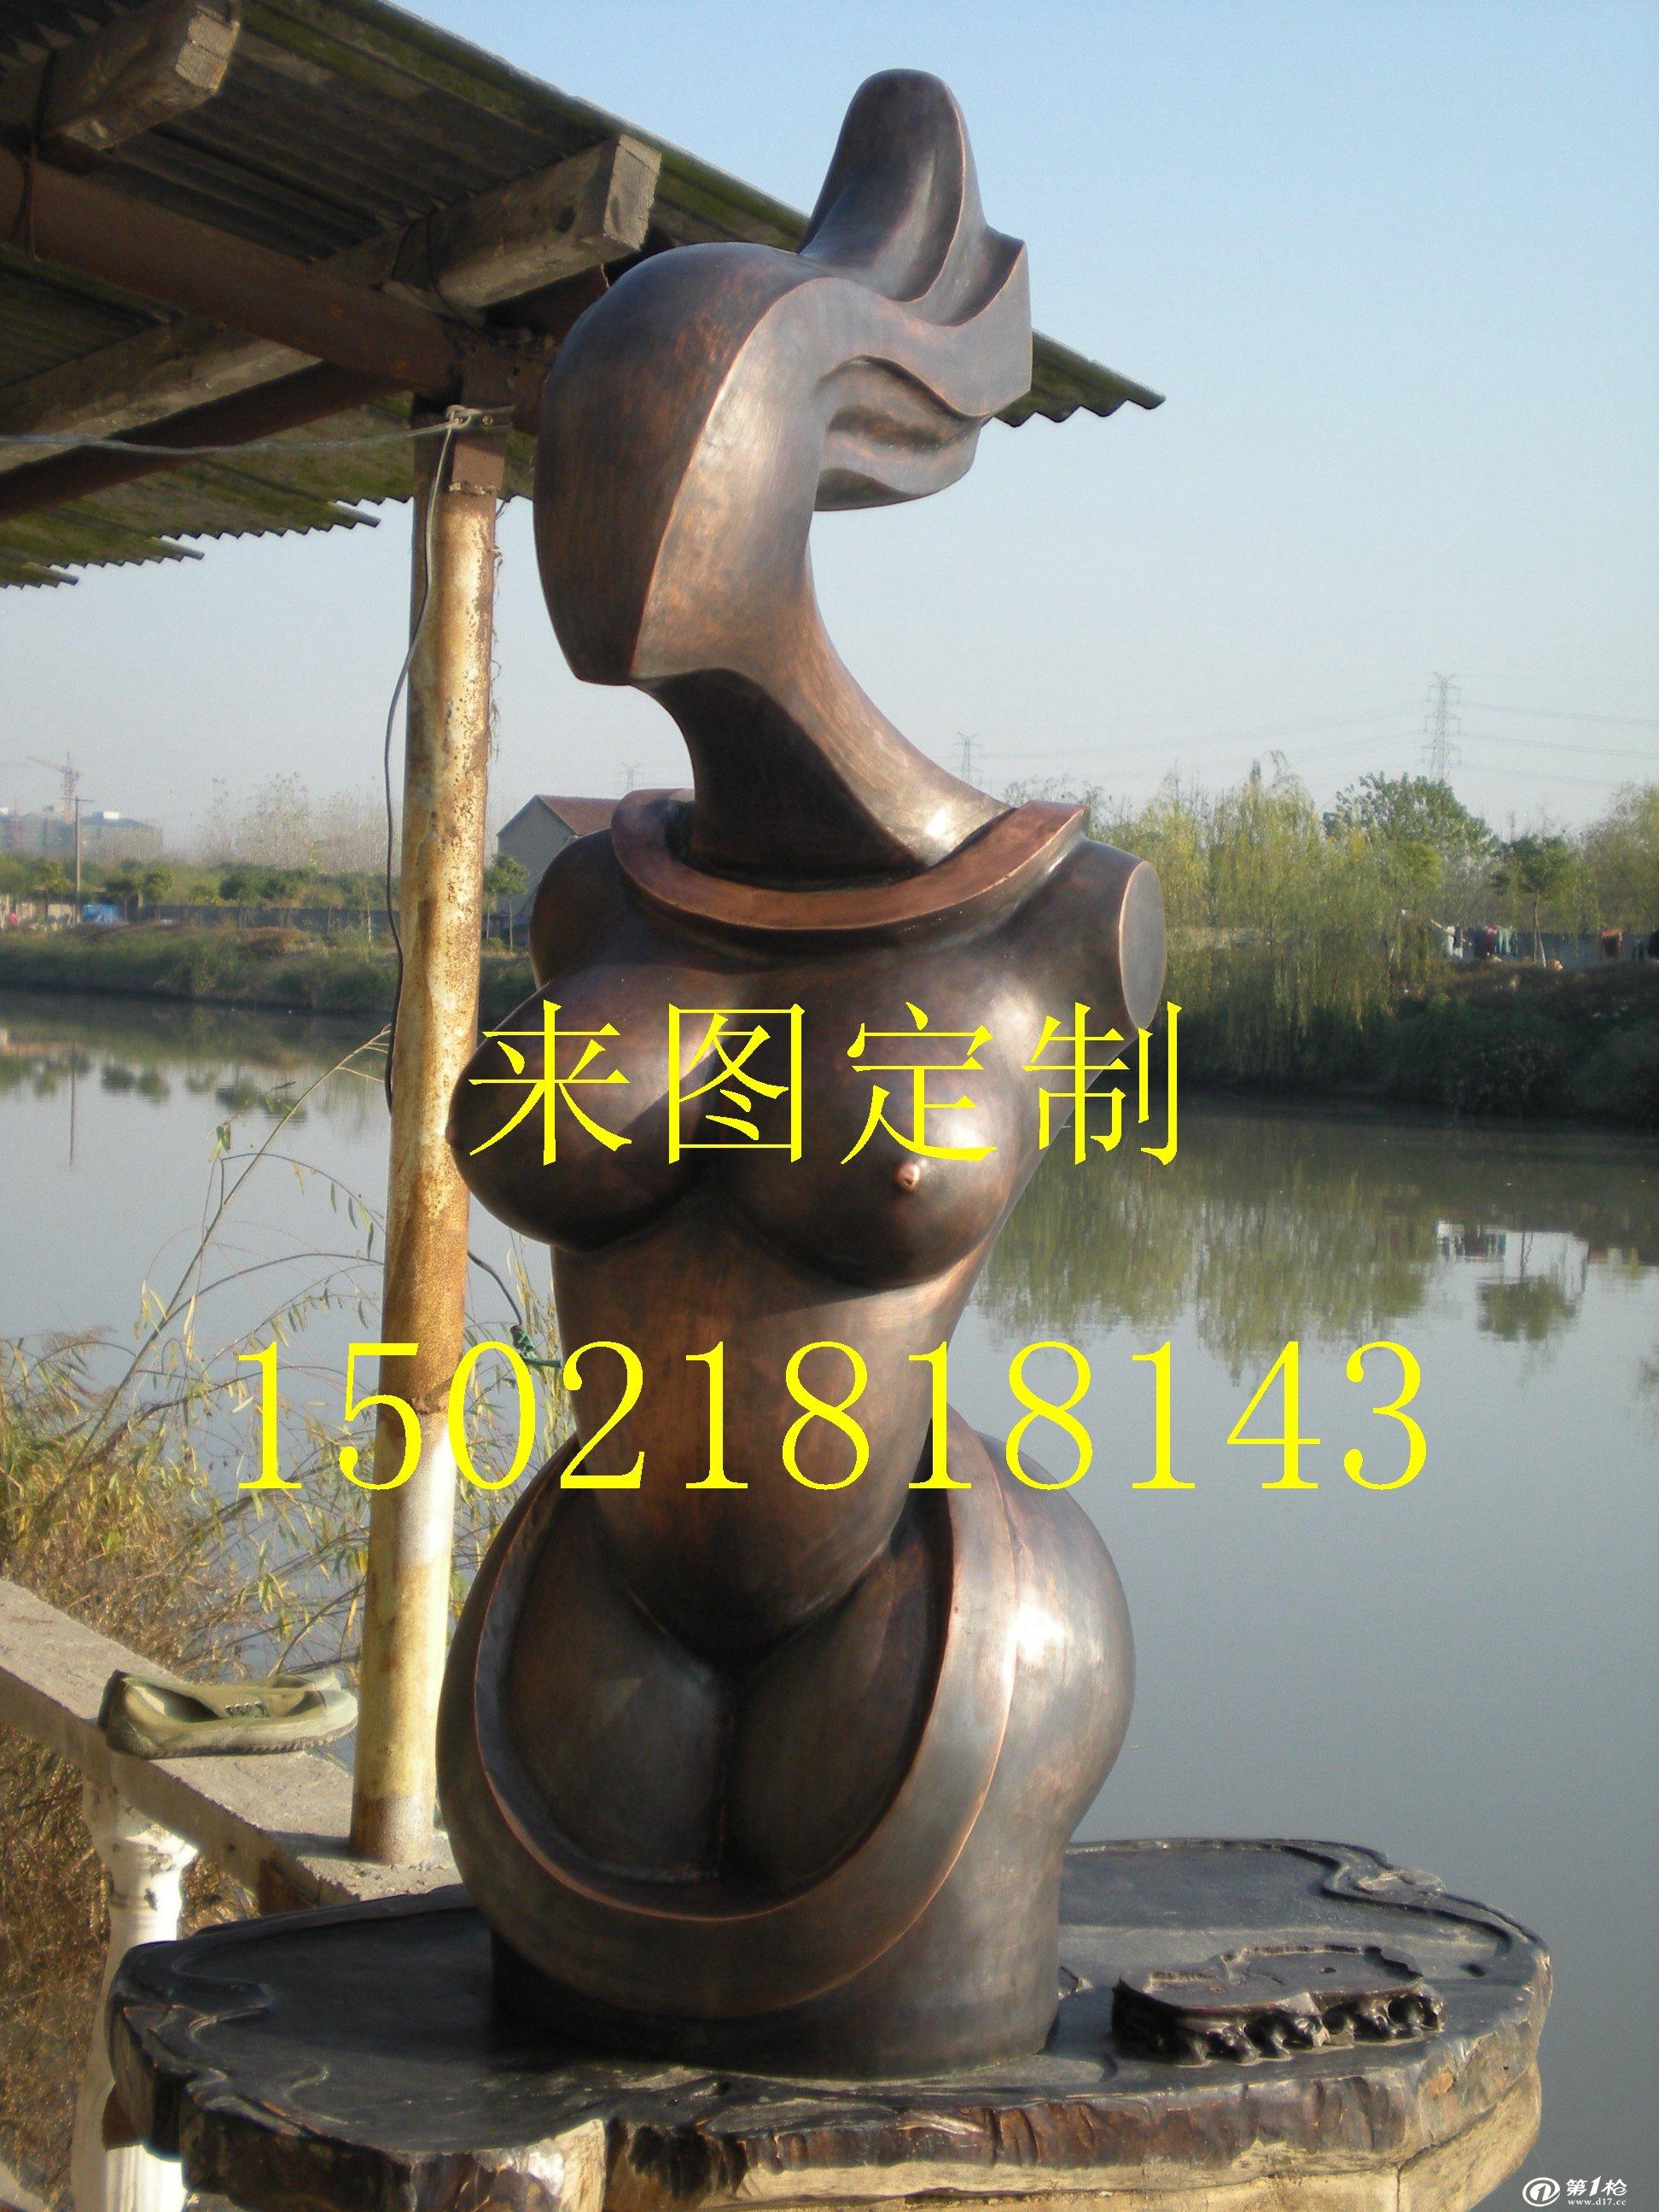 公司专业从事于城市雕塑,景观雕塑,标志姓雕塑,企业雕塑,商业雕塑